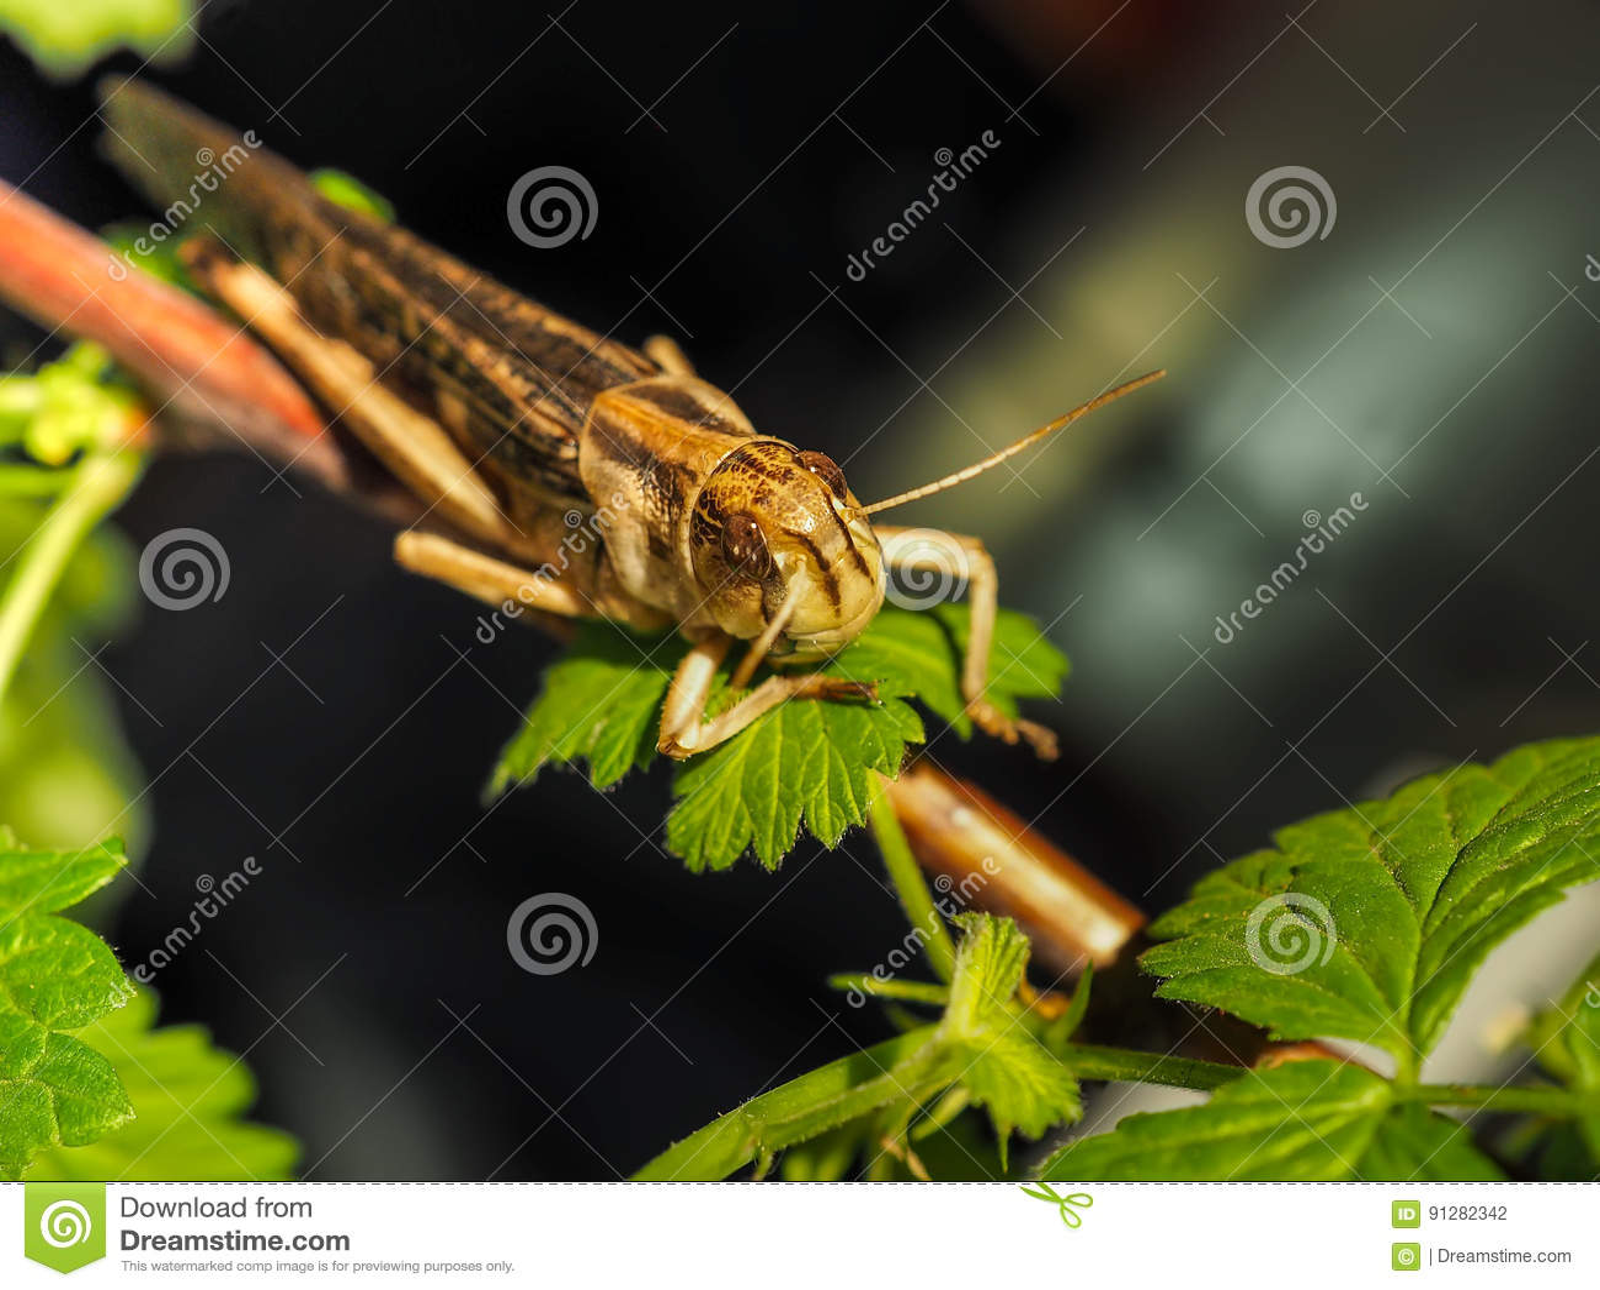 Den beigea svarta gräshoppan, på ett grönt blad, fotograferade tätt